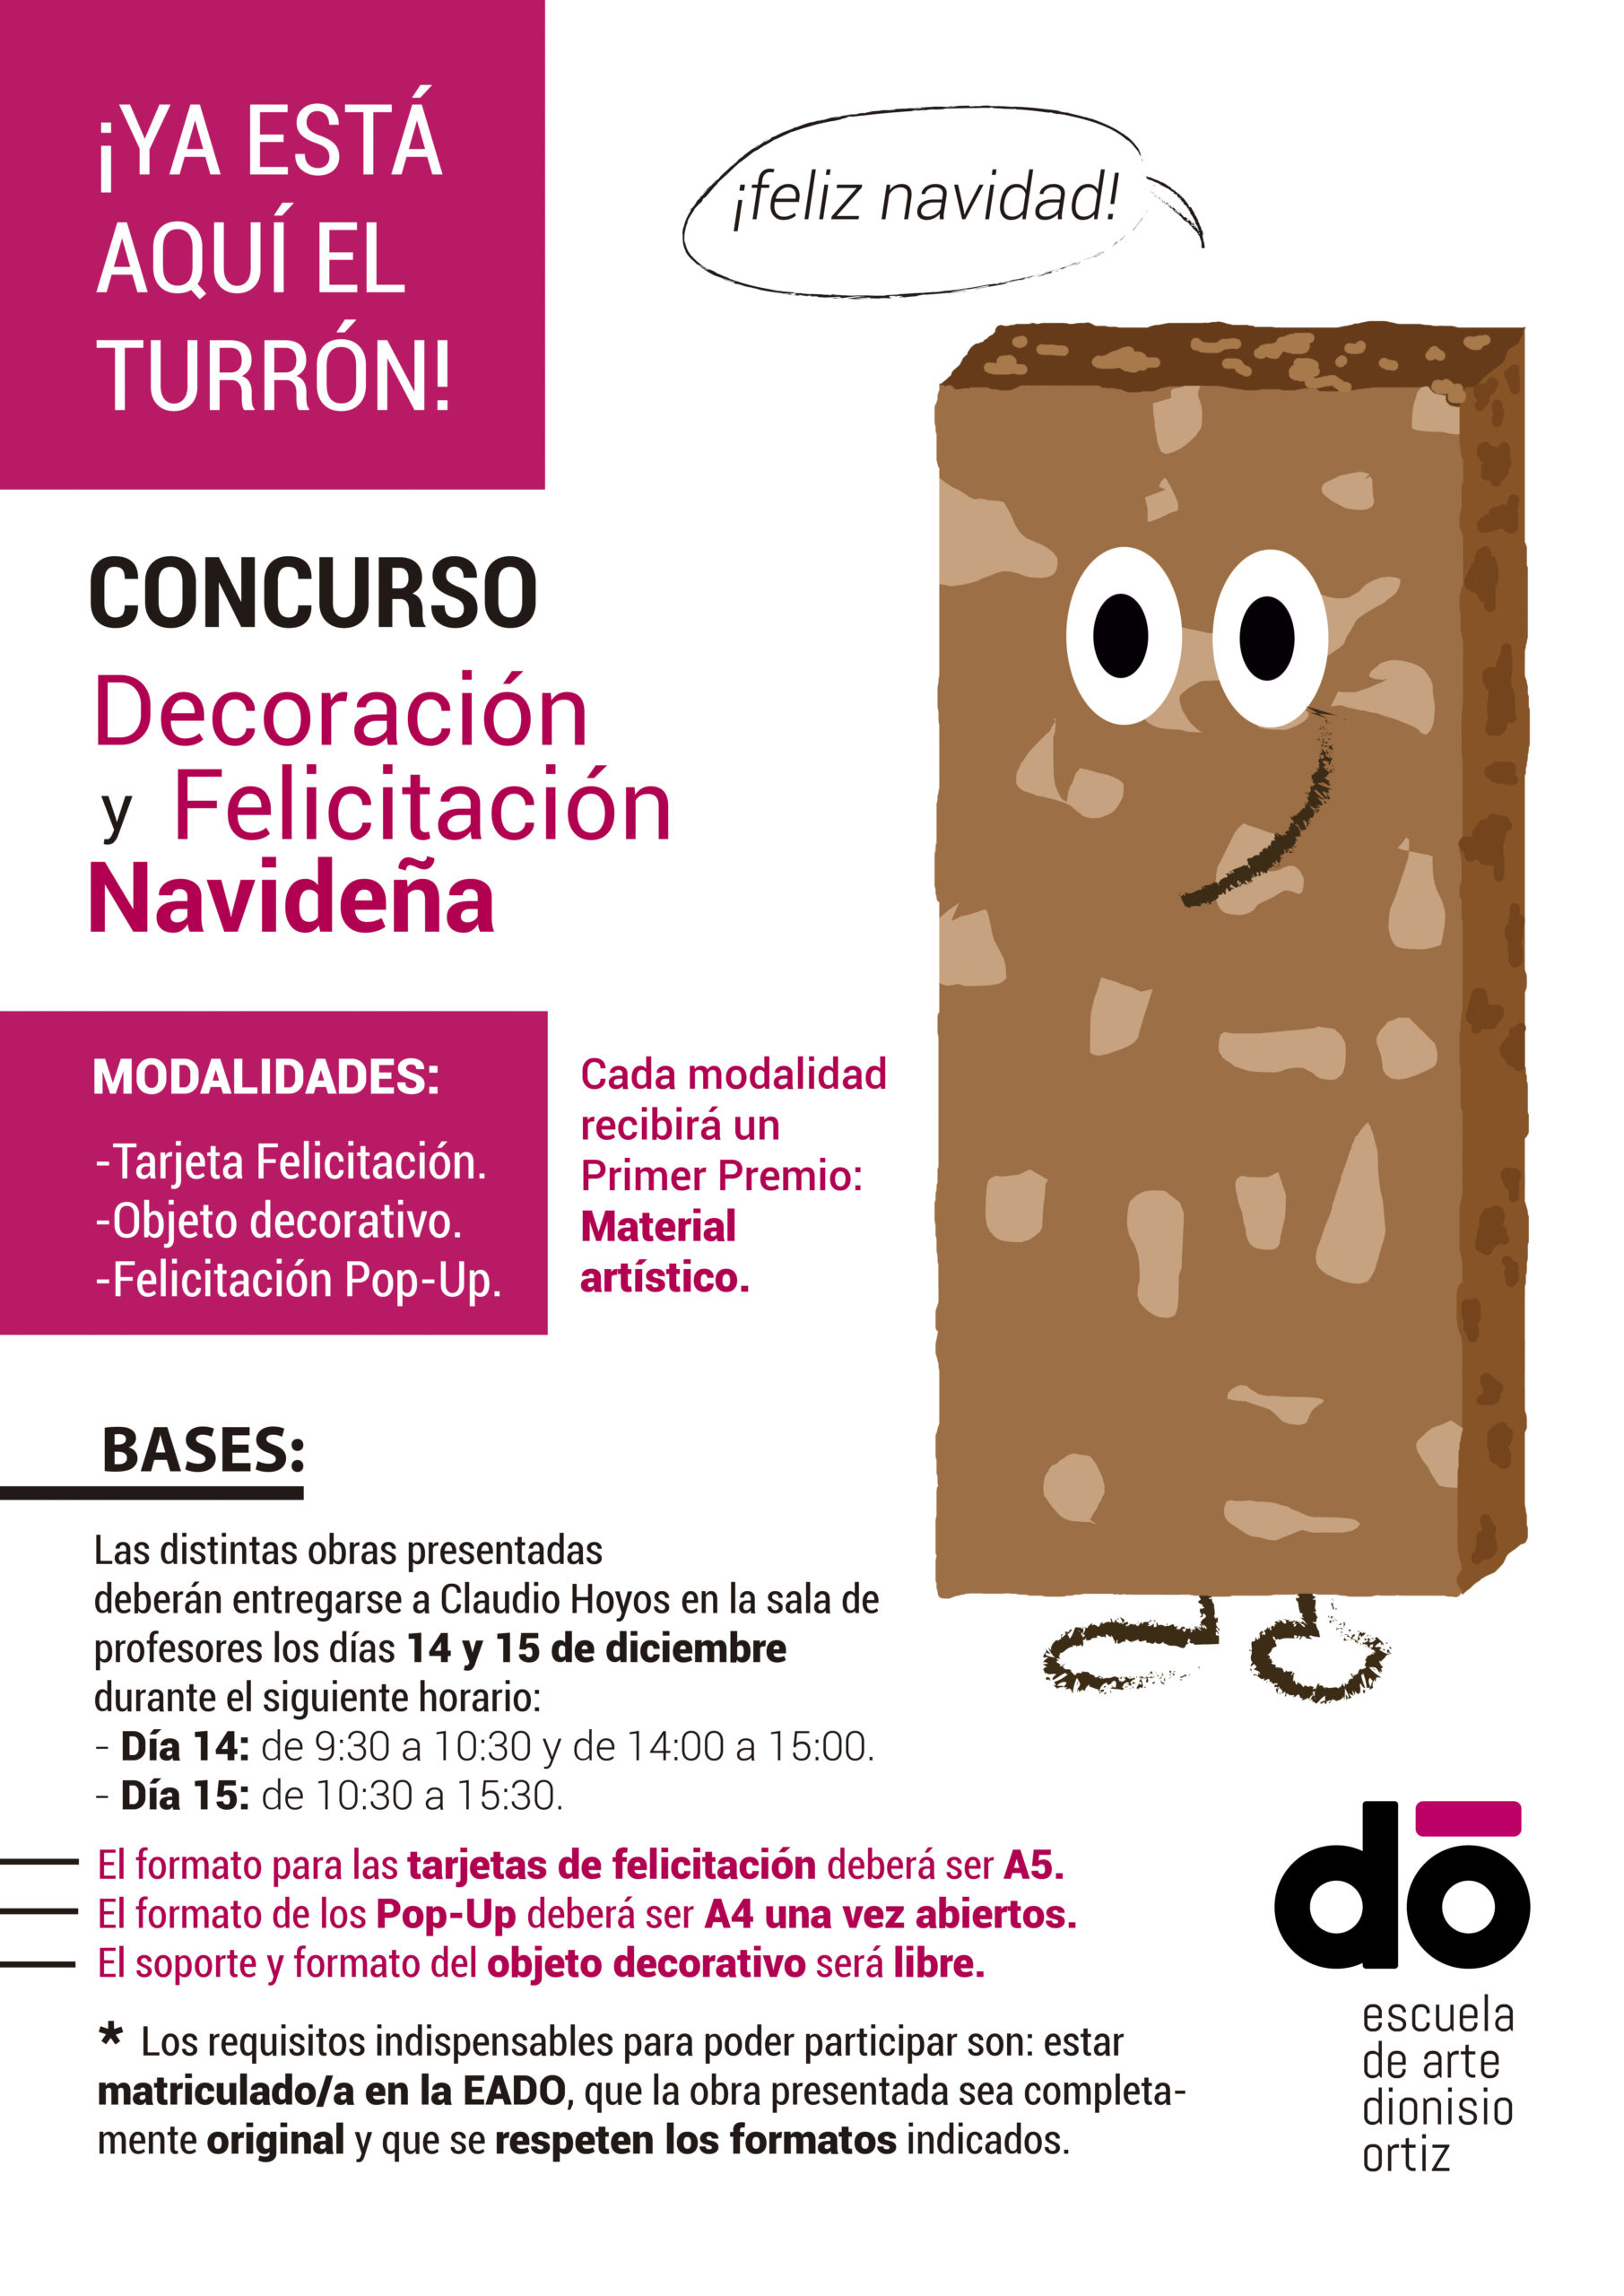 Concurso de Decoración y Felicitación Navideña.